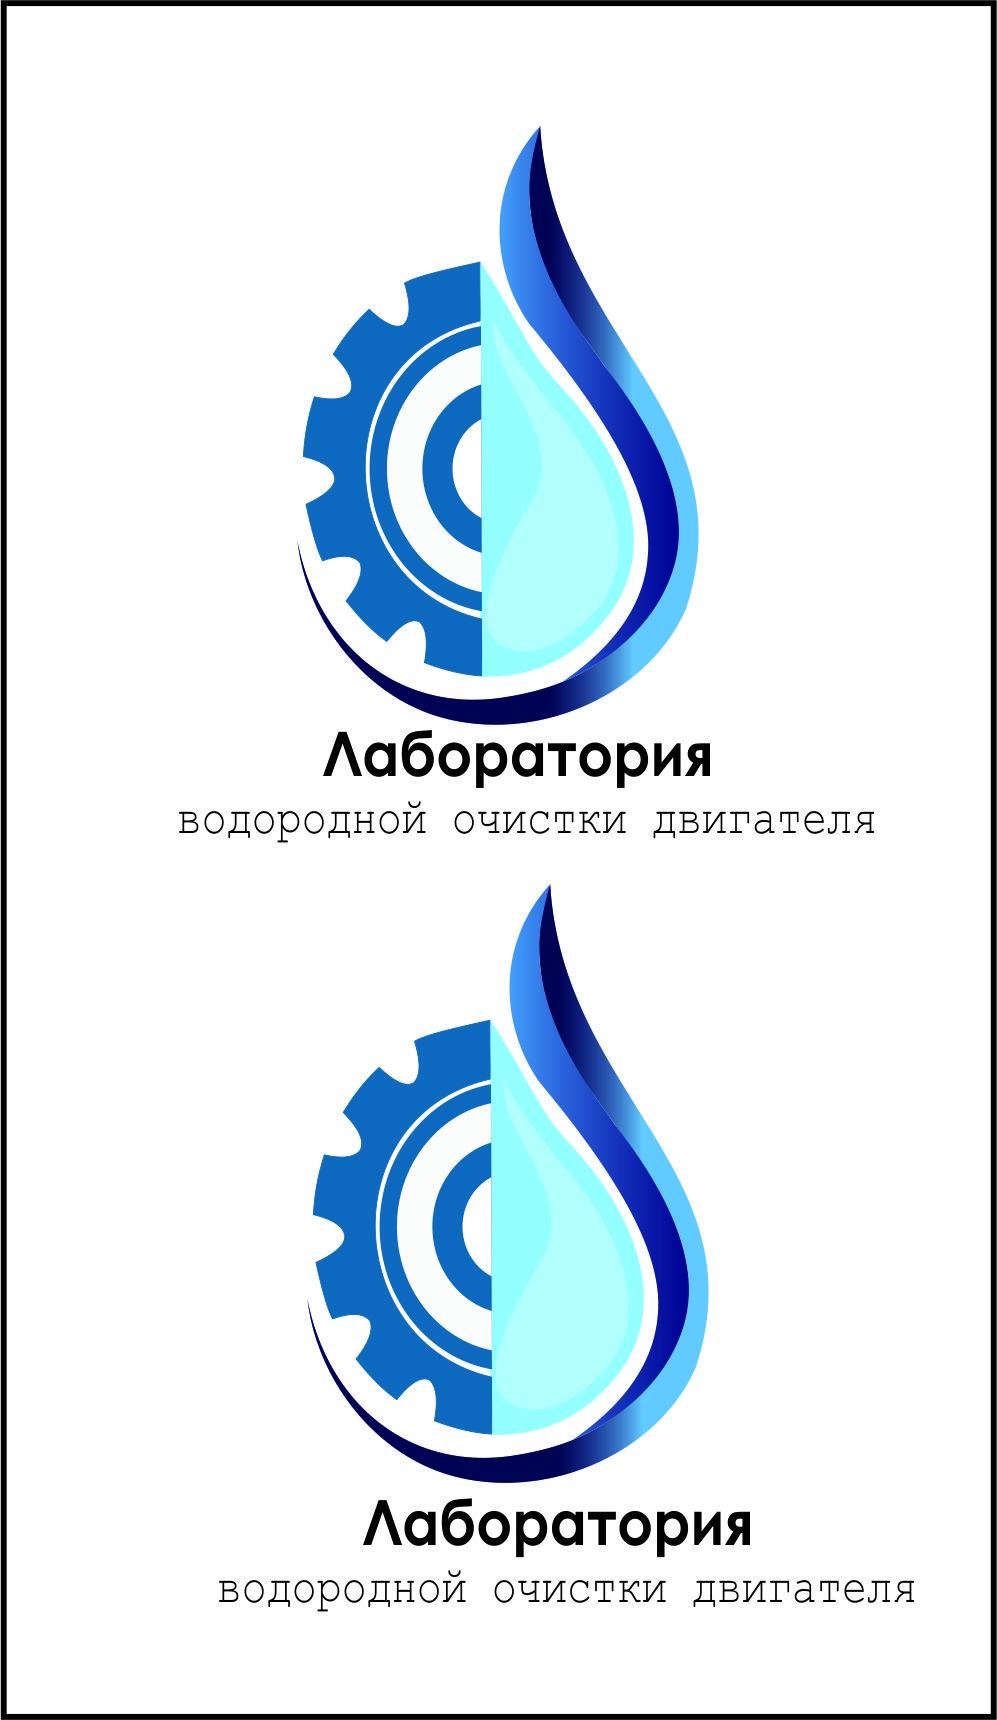 """Разработка фирменного стиля для """"Лаборатории водородной очис фото f_2205dcfb7f1d5d0f.jpg"""